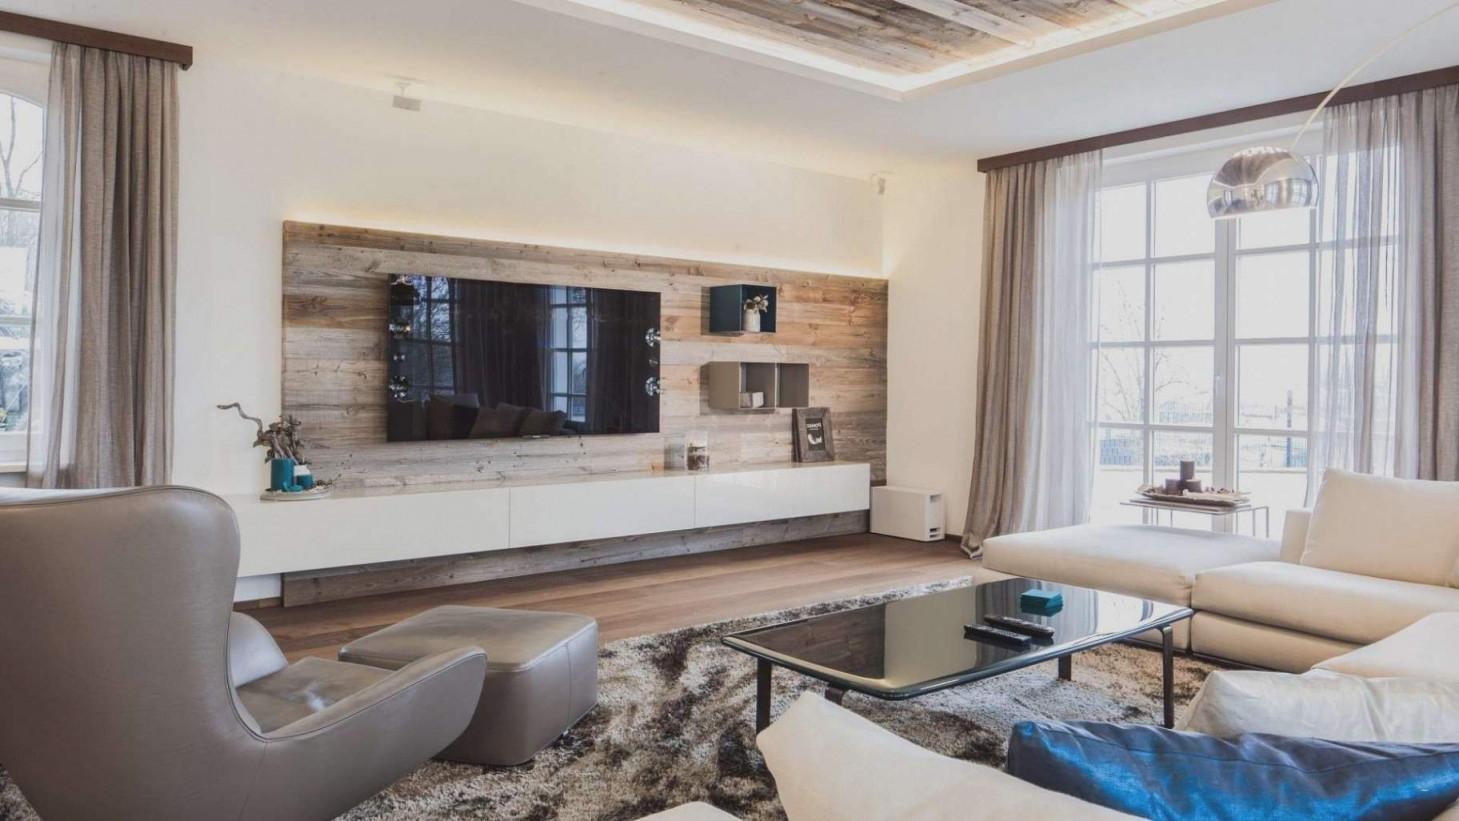 Großes Wohnzimmer Einrichten  Wohnzimmer Modern Einrichten von Großes Wohnzimmer Modern Einrichten Photo